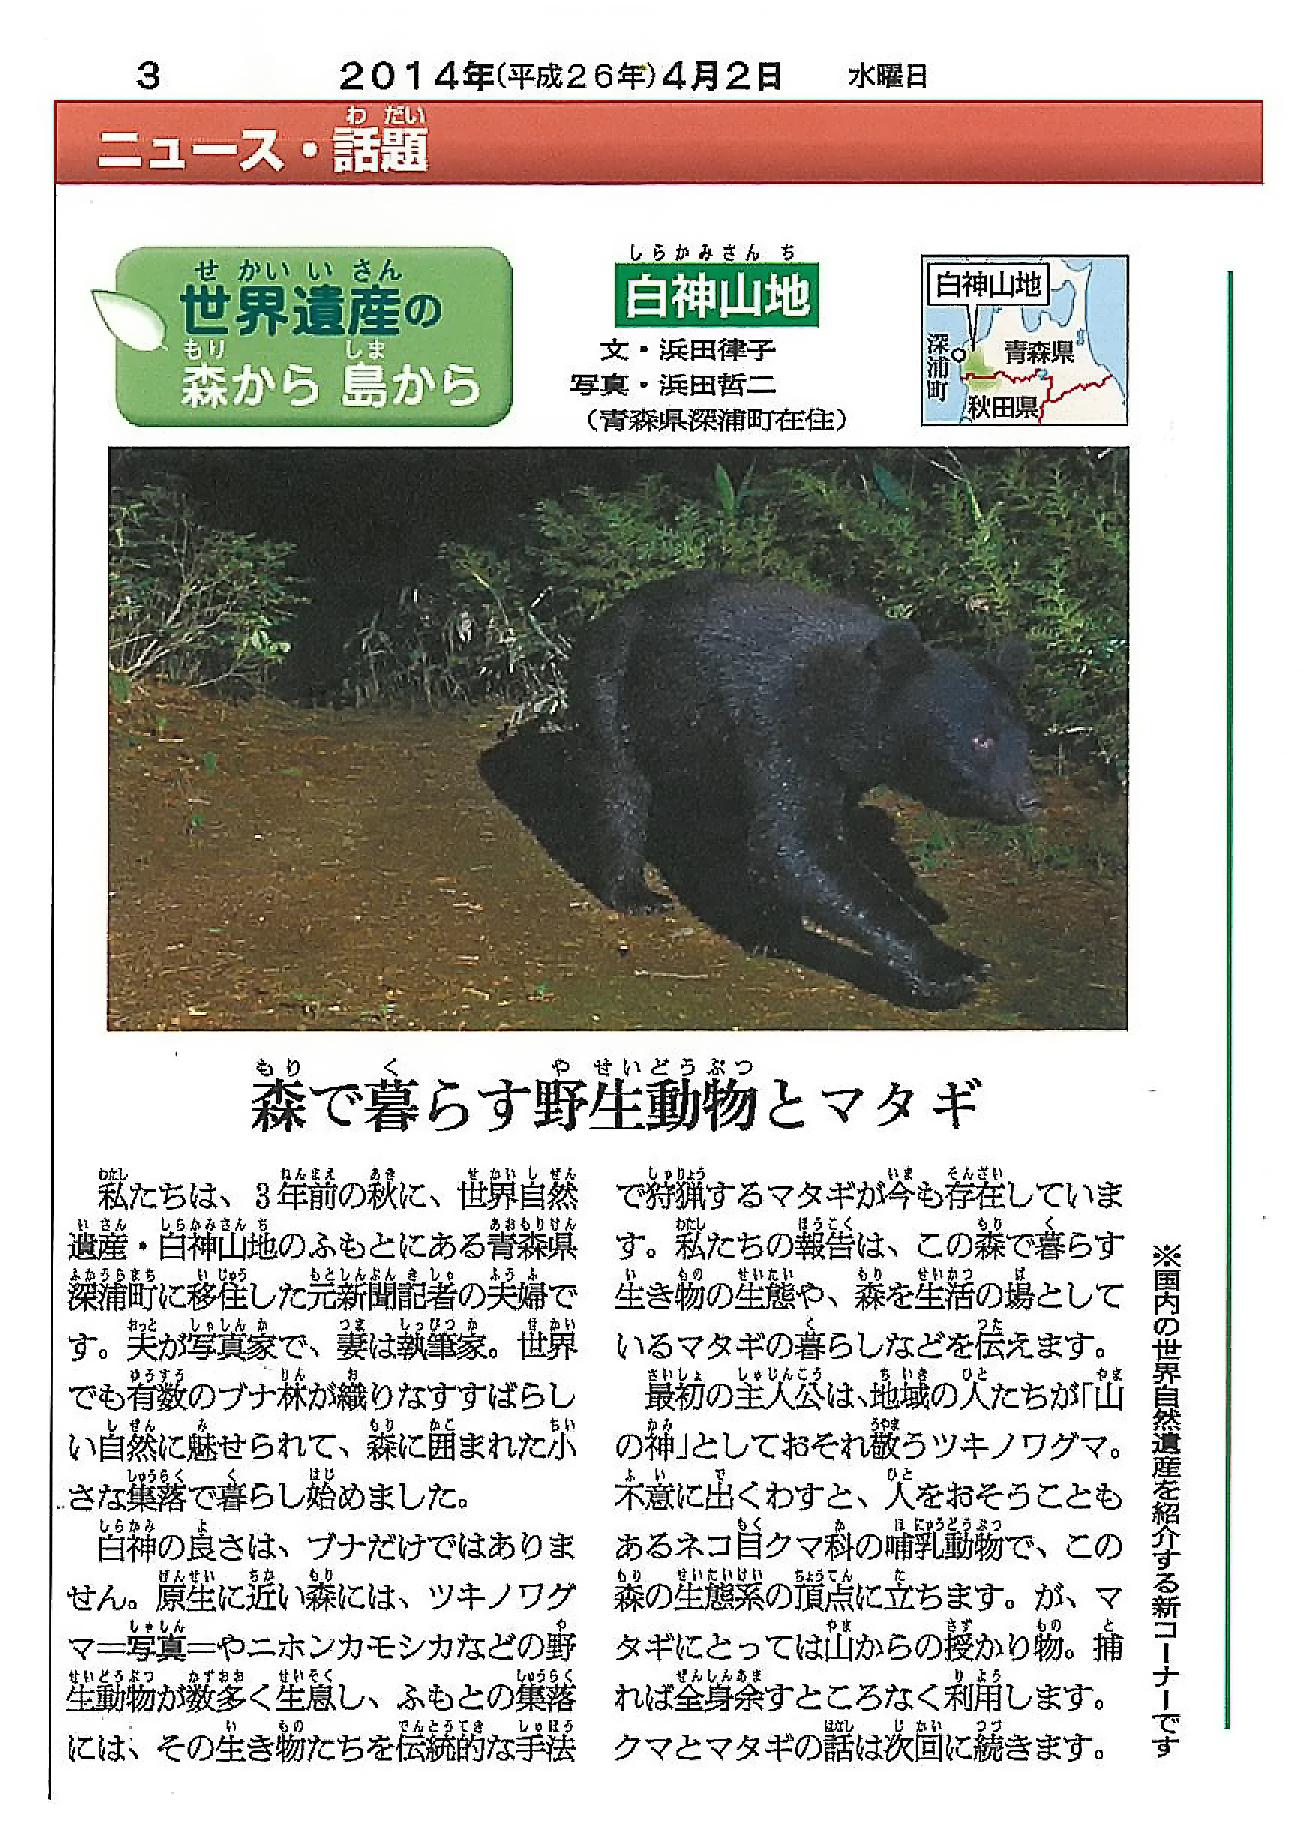 朝日小学生新聞が始める世界自然遺産の連載一回目